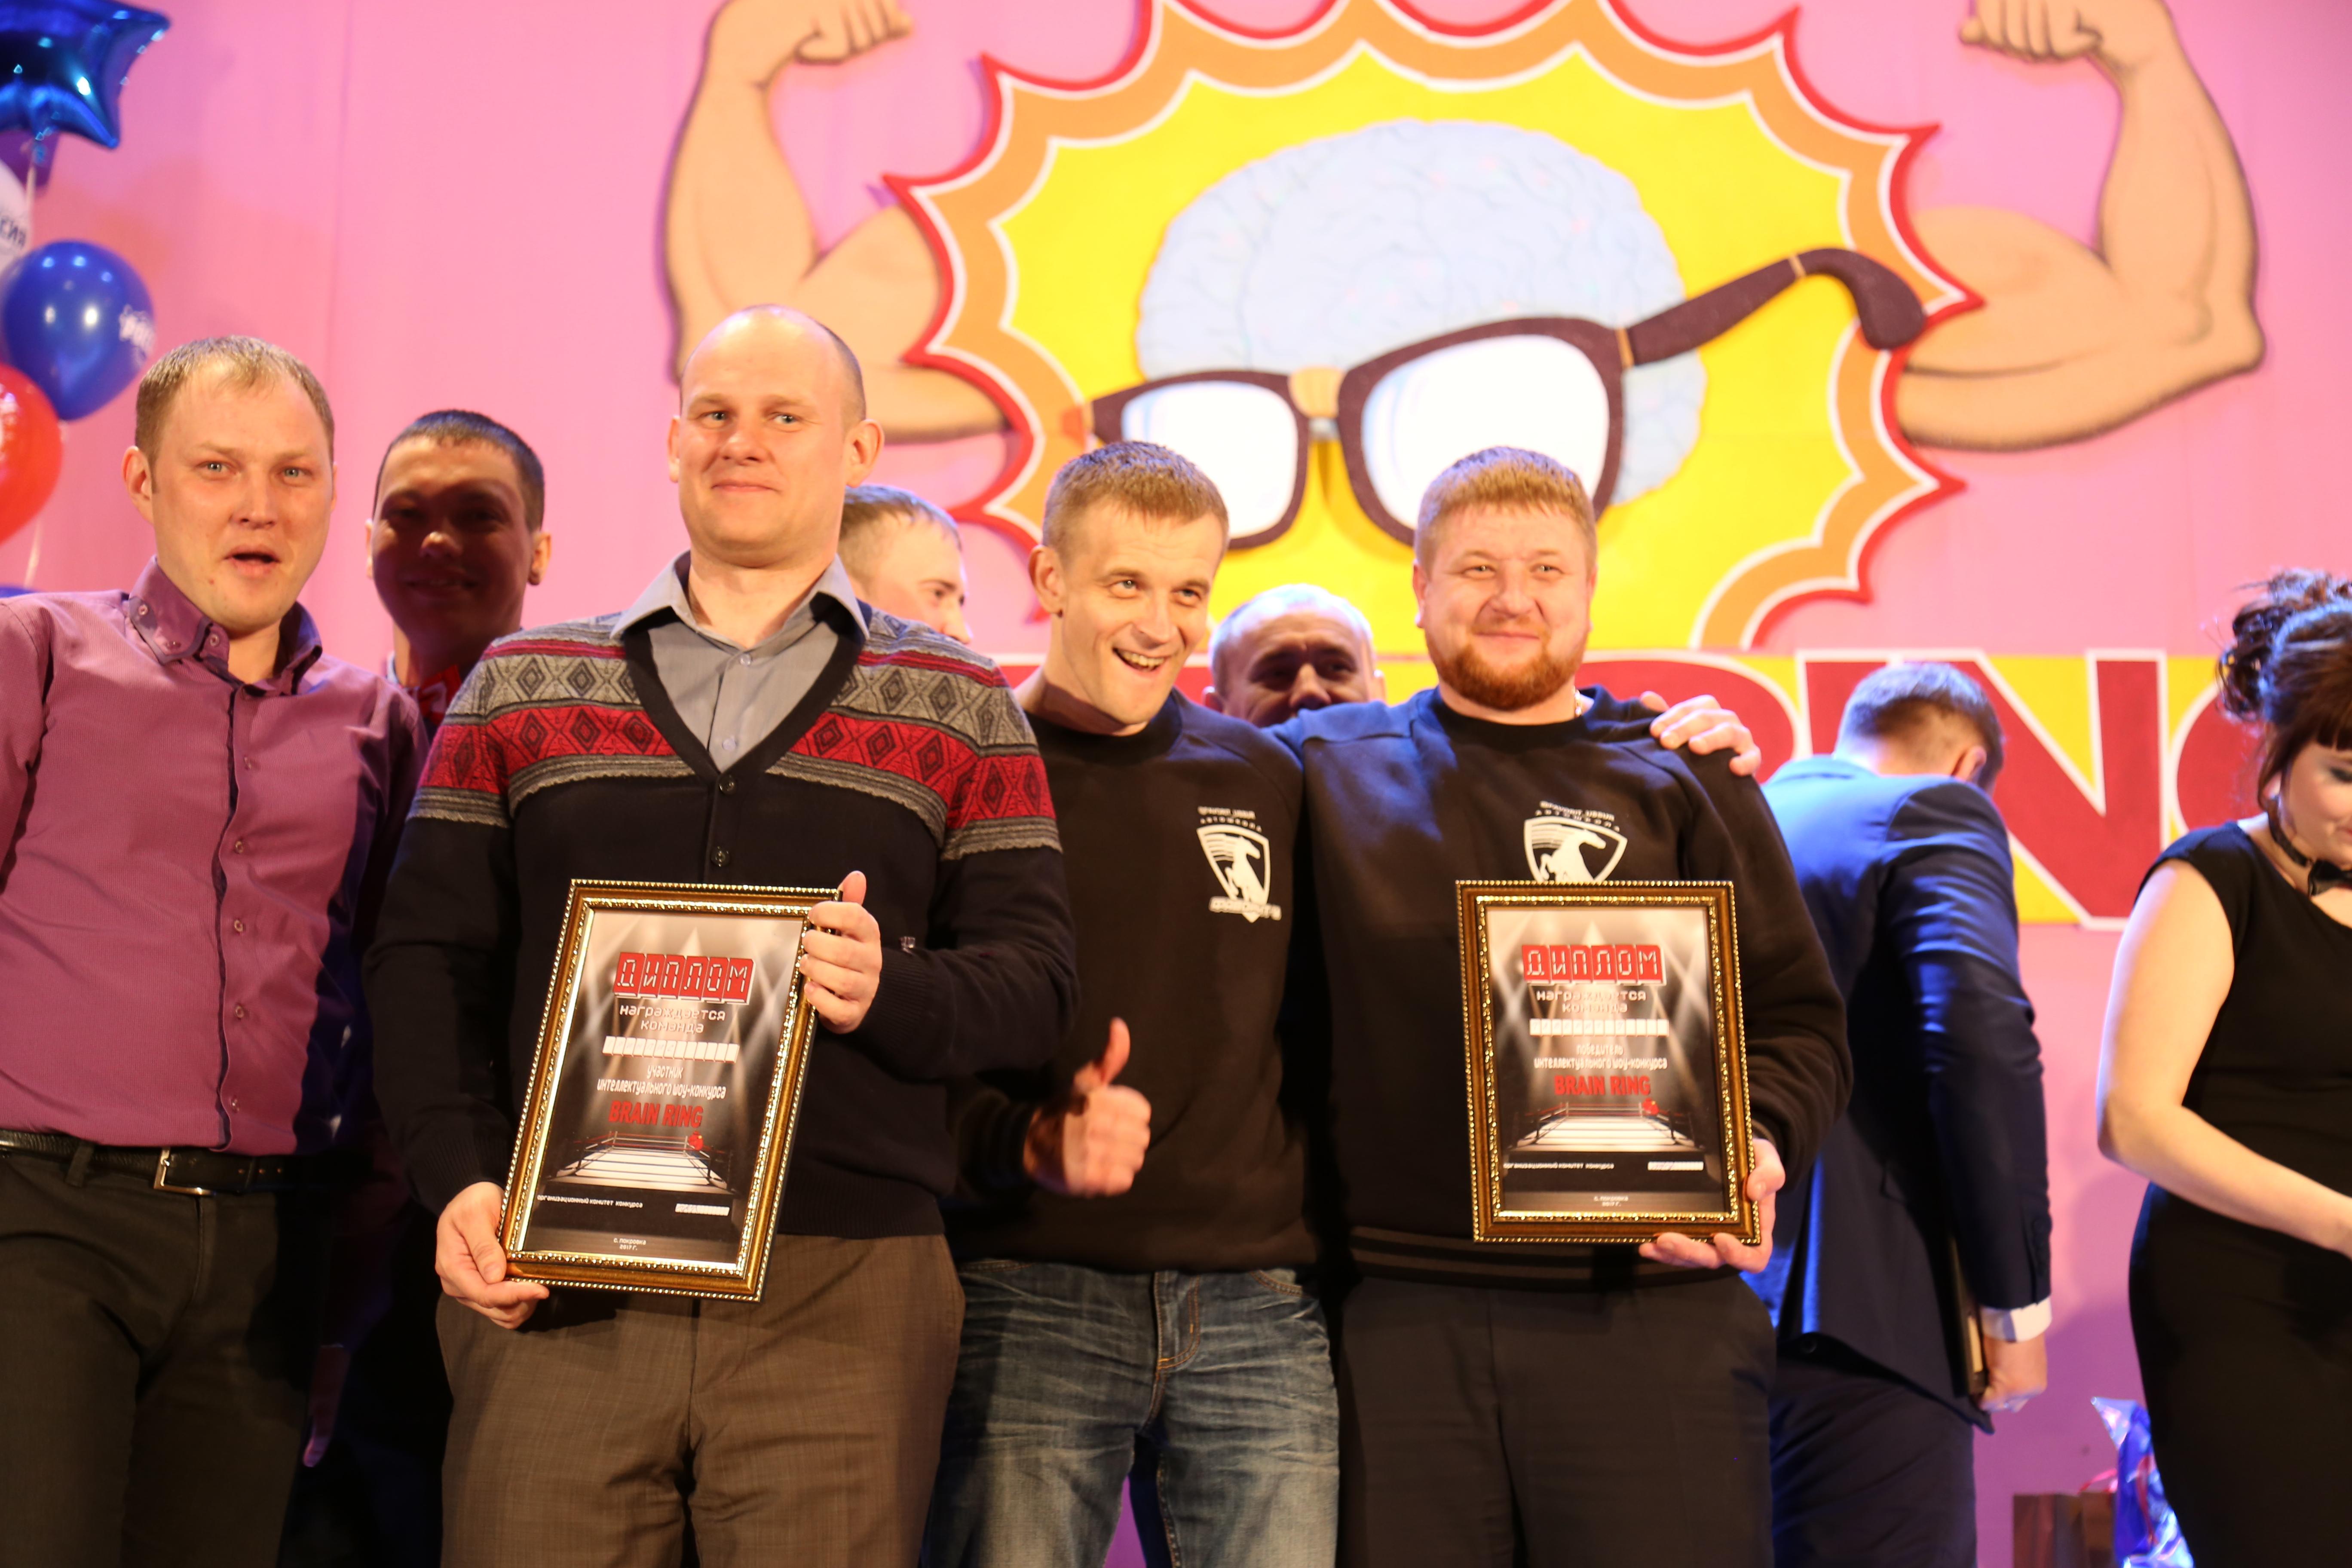 18 февраля в с. Покровка Октябрьского района состоялся Брейн-ринг среди настоящих мужчин.